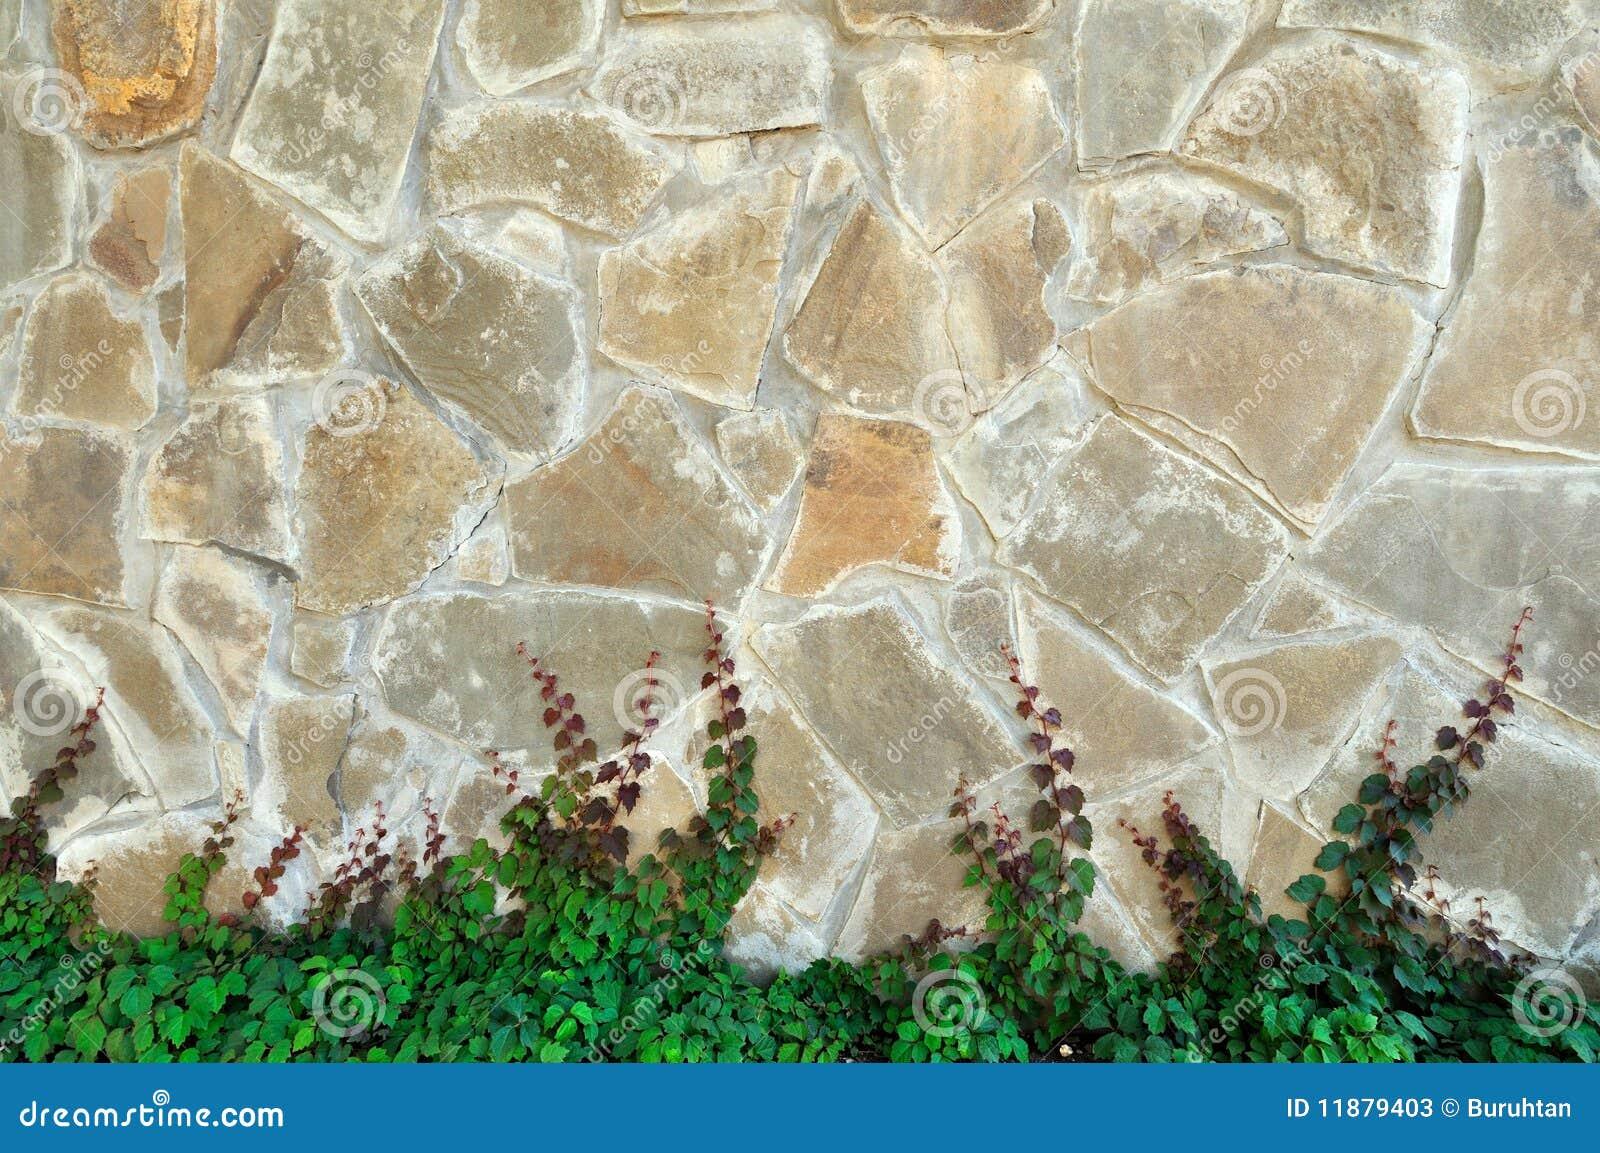 beige wand hergestellt mit gealtertem stein stockbild bild von dunkel grau 11879403. Black Bedroom Furniture Sets. Home Design Ideas